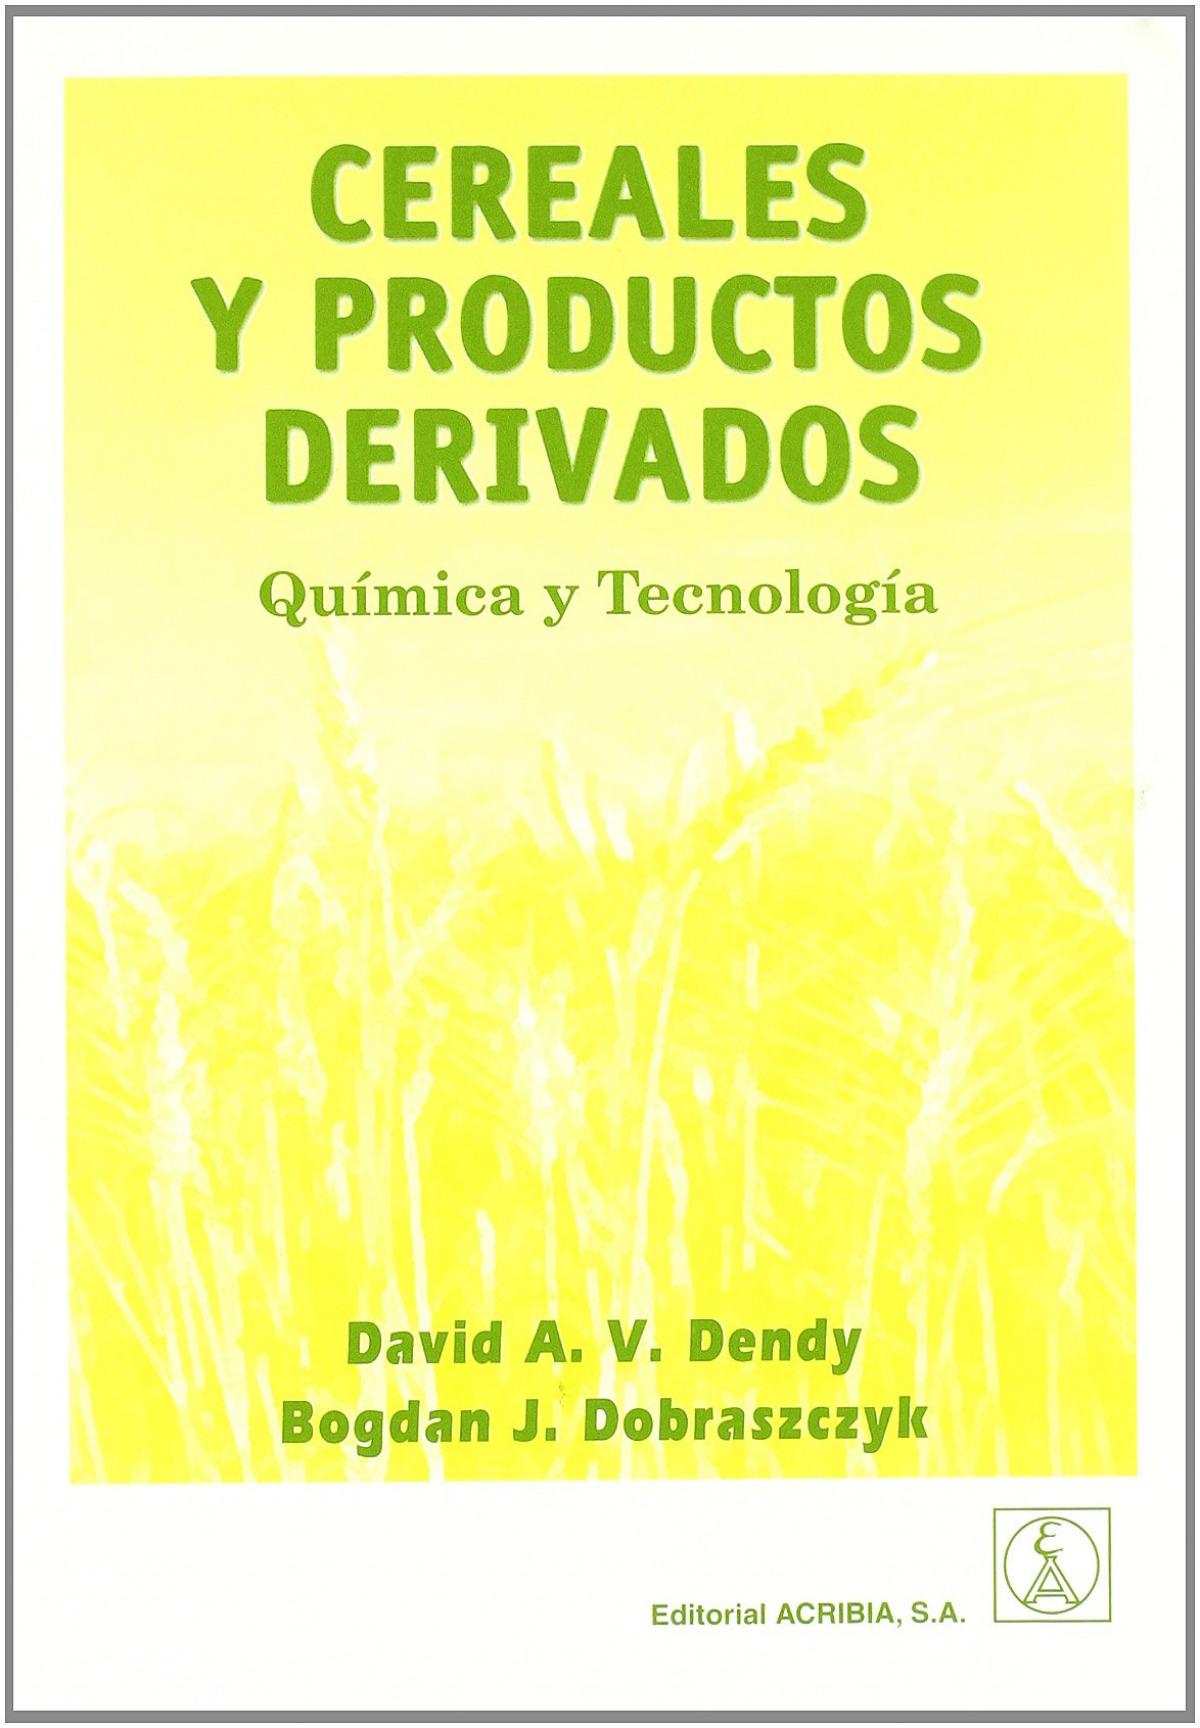 CEREALES/PRODUCTOS DERIVADOS. QUÍMICA/TECNOLOGÍA